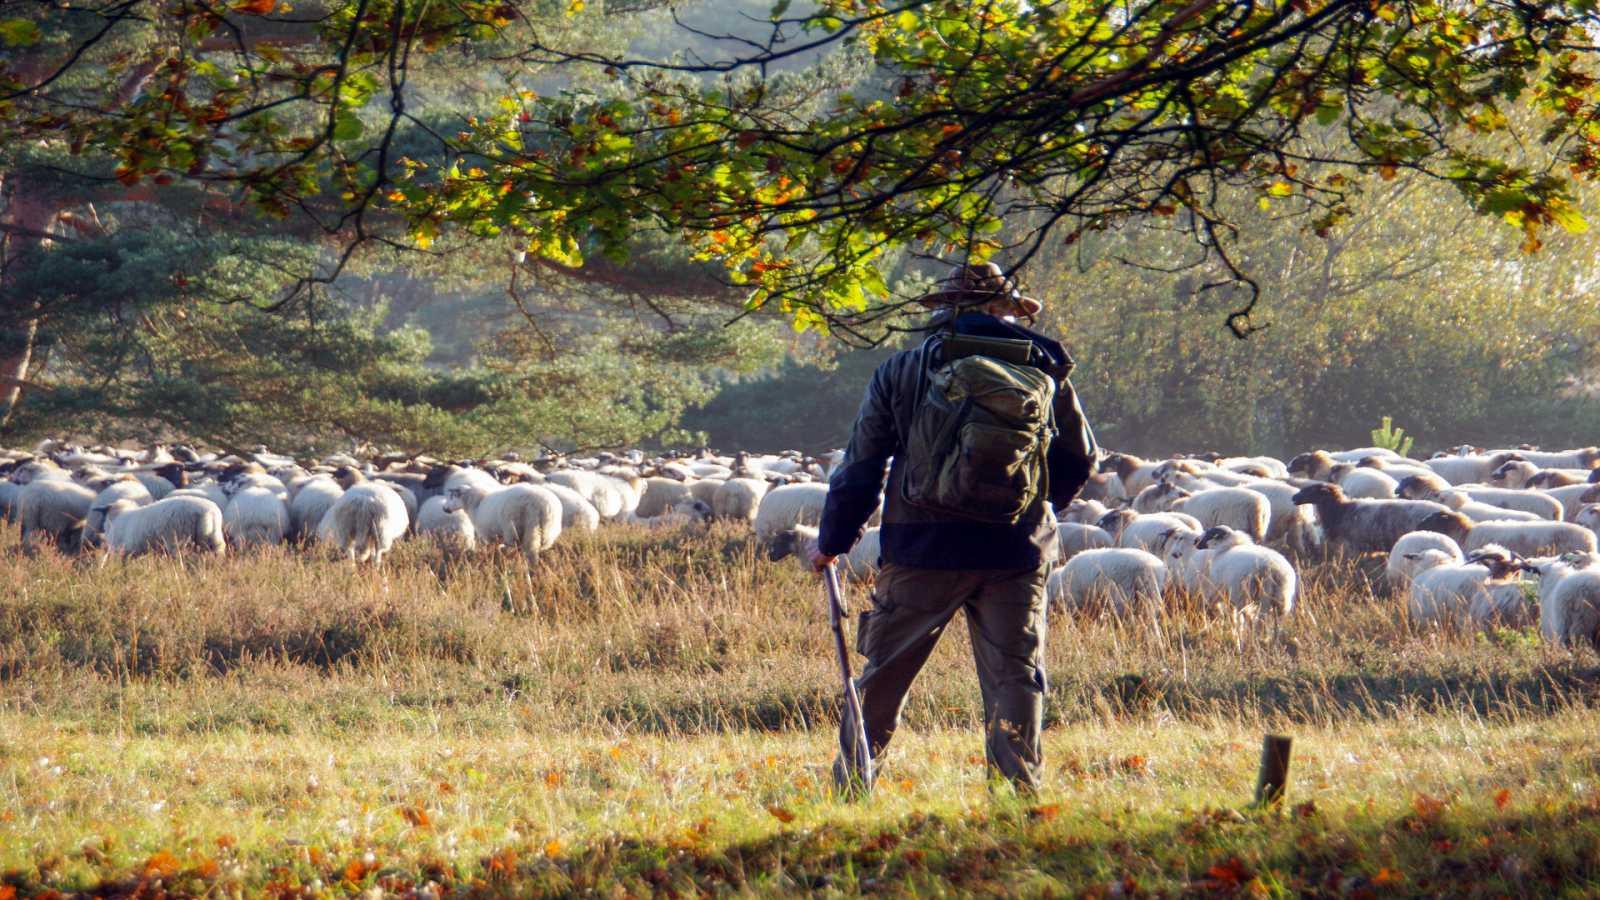 Contando cuentos en Radio 5 - El pastor - Capítulo 1 - 03/02/21 - Escuchar ahora